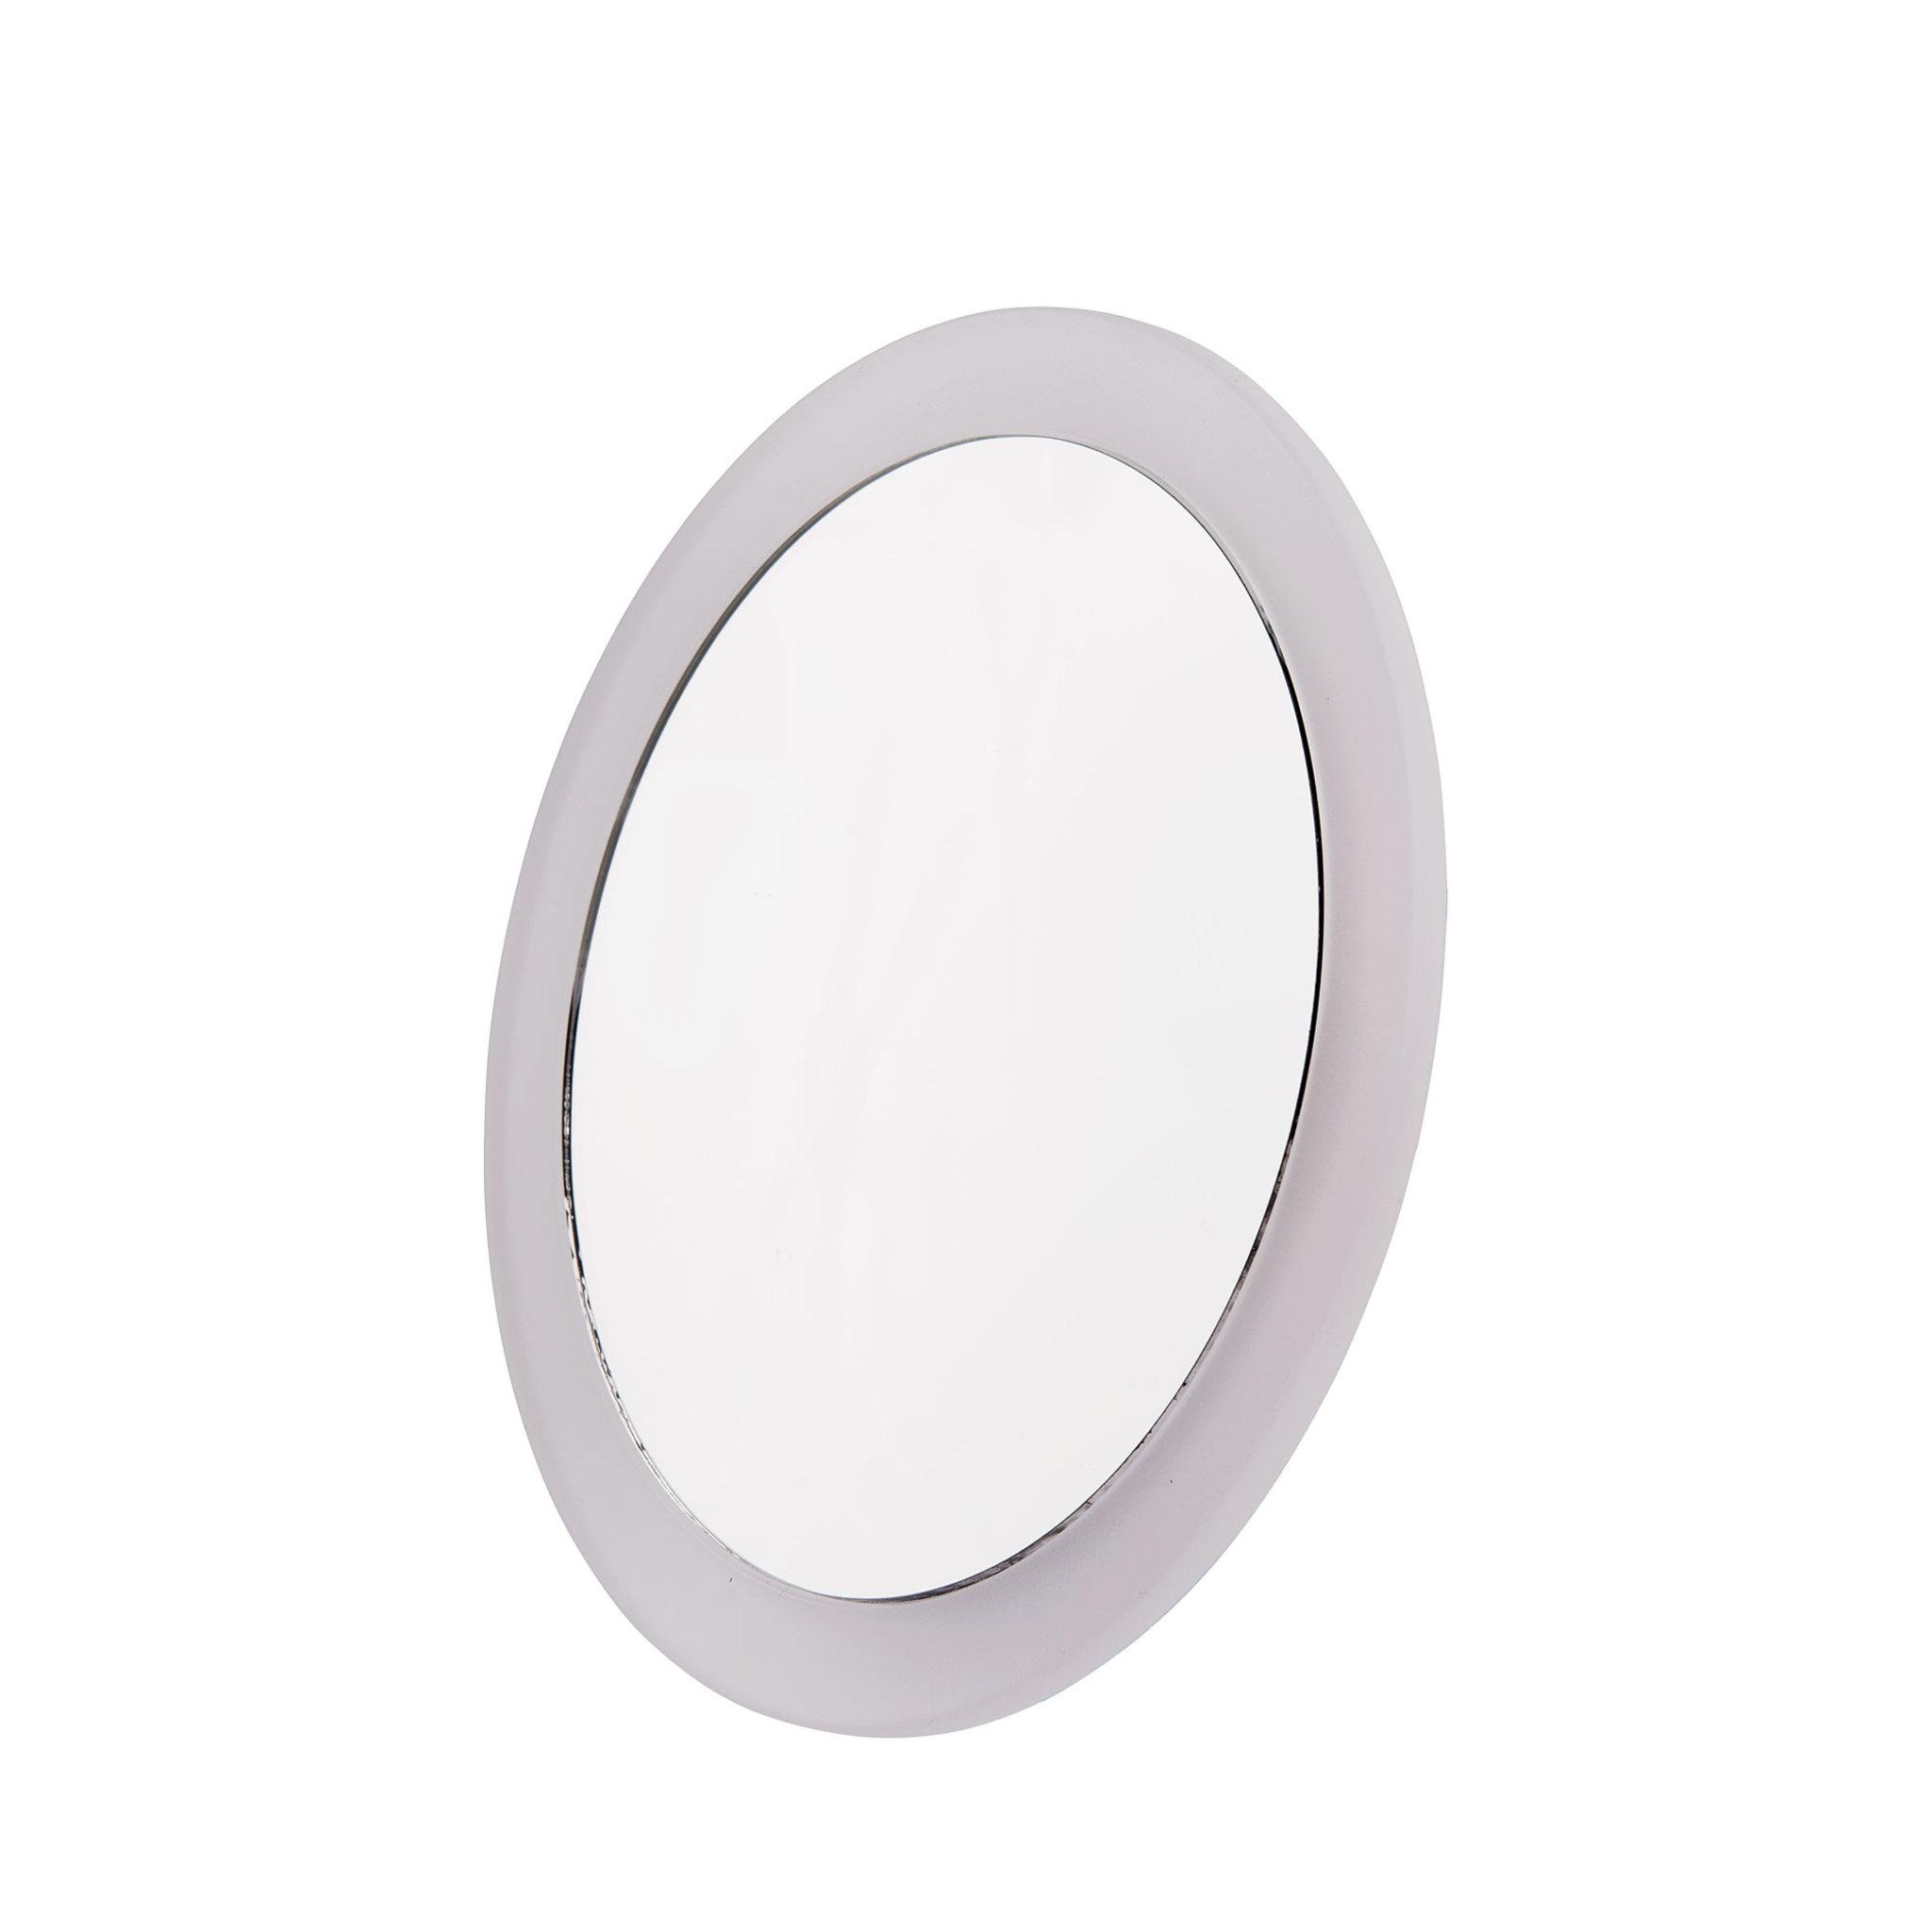 spegel med förstoring sugpropp